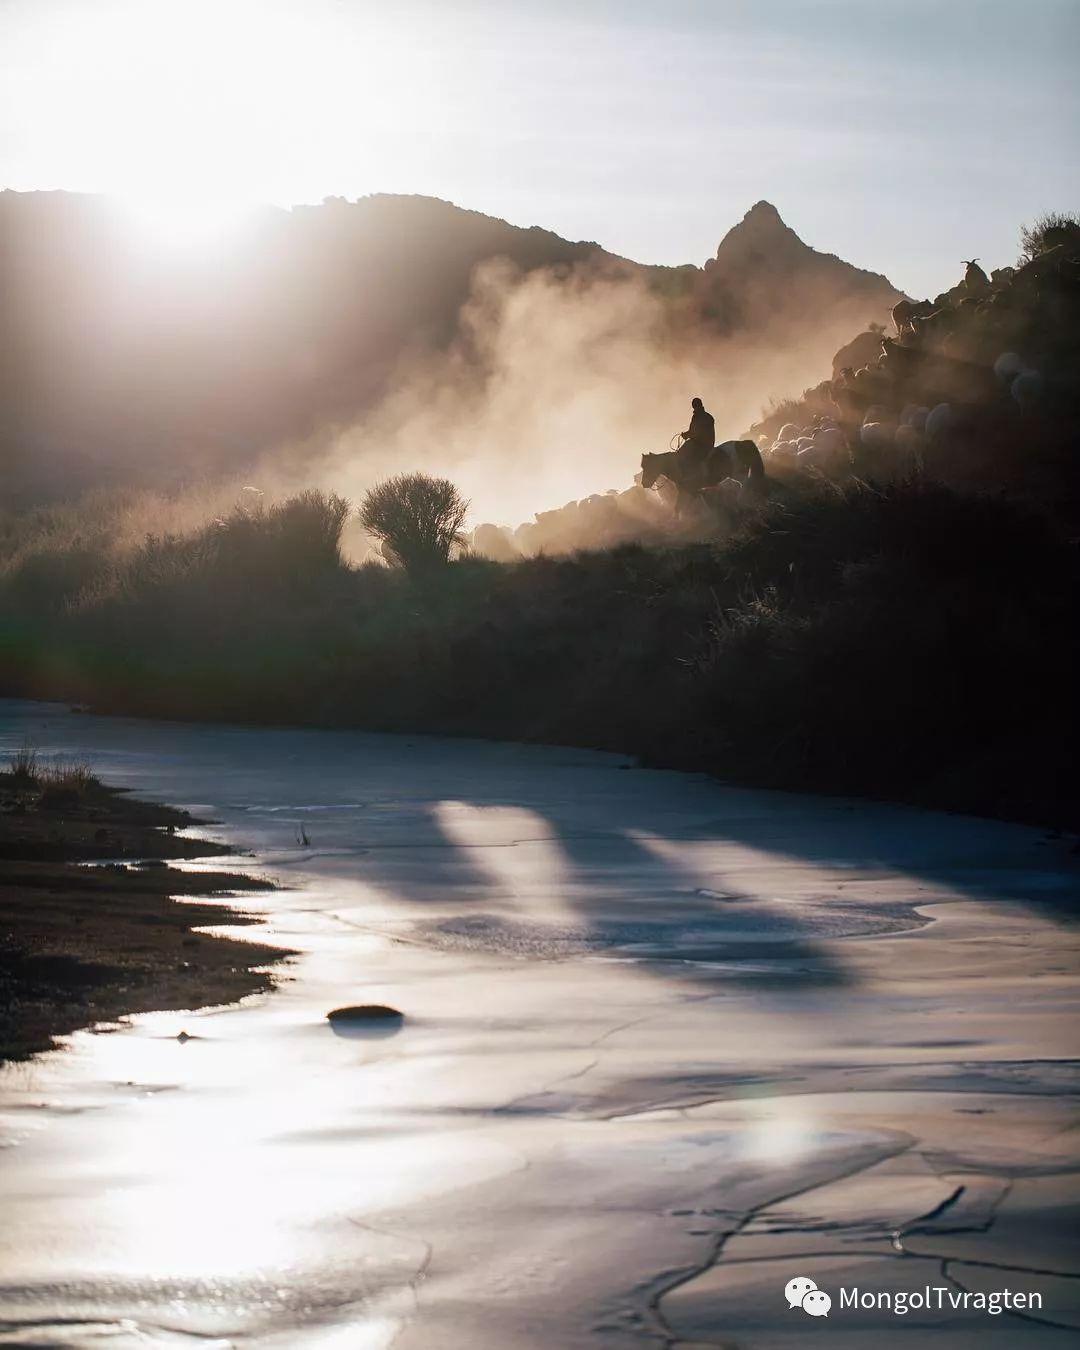 蒙古影像-- khangaikhuu.P 第23张 蒙古影像-- khangaikhuu.P 蒙古文化